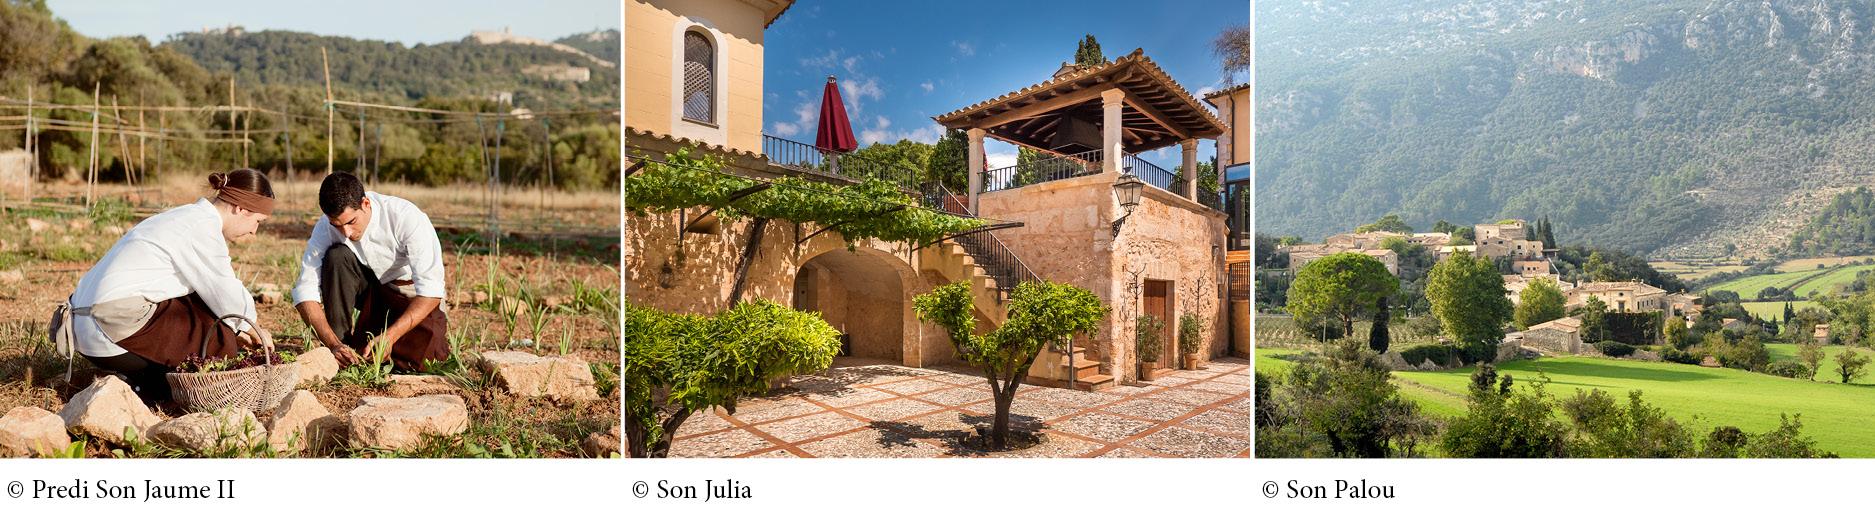 Engel & Völkers Mallorca Southwest